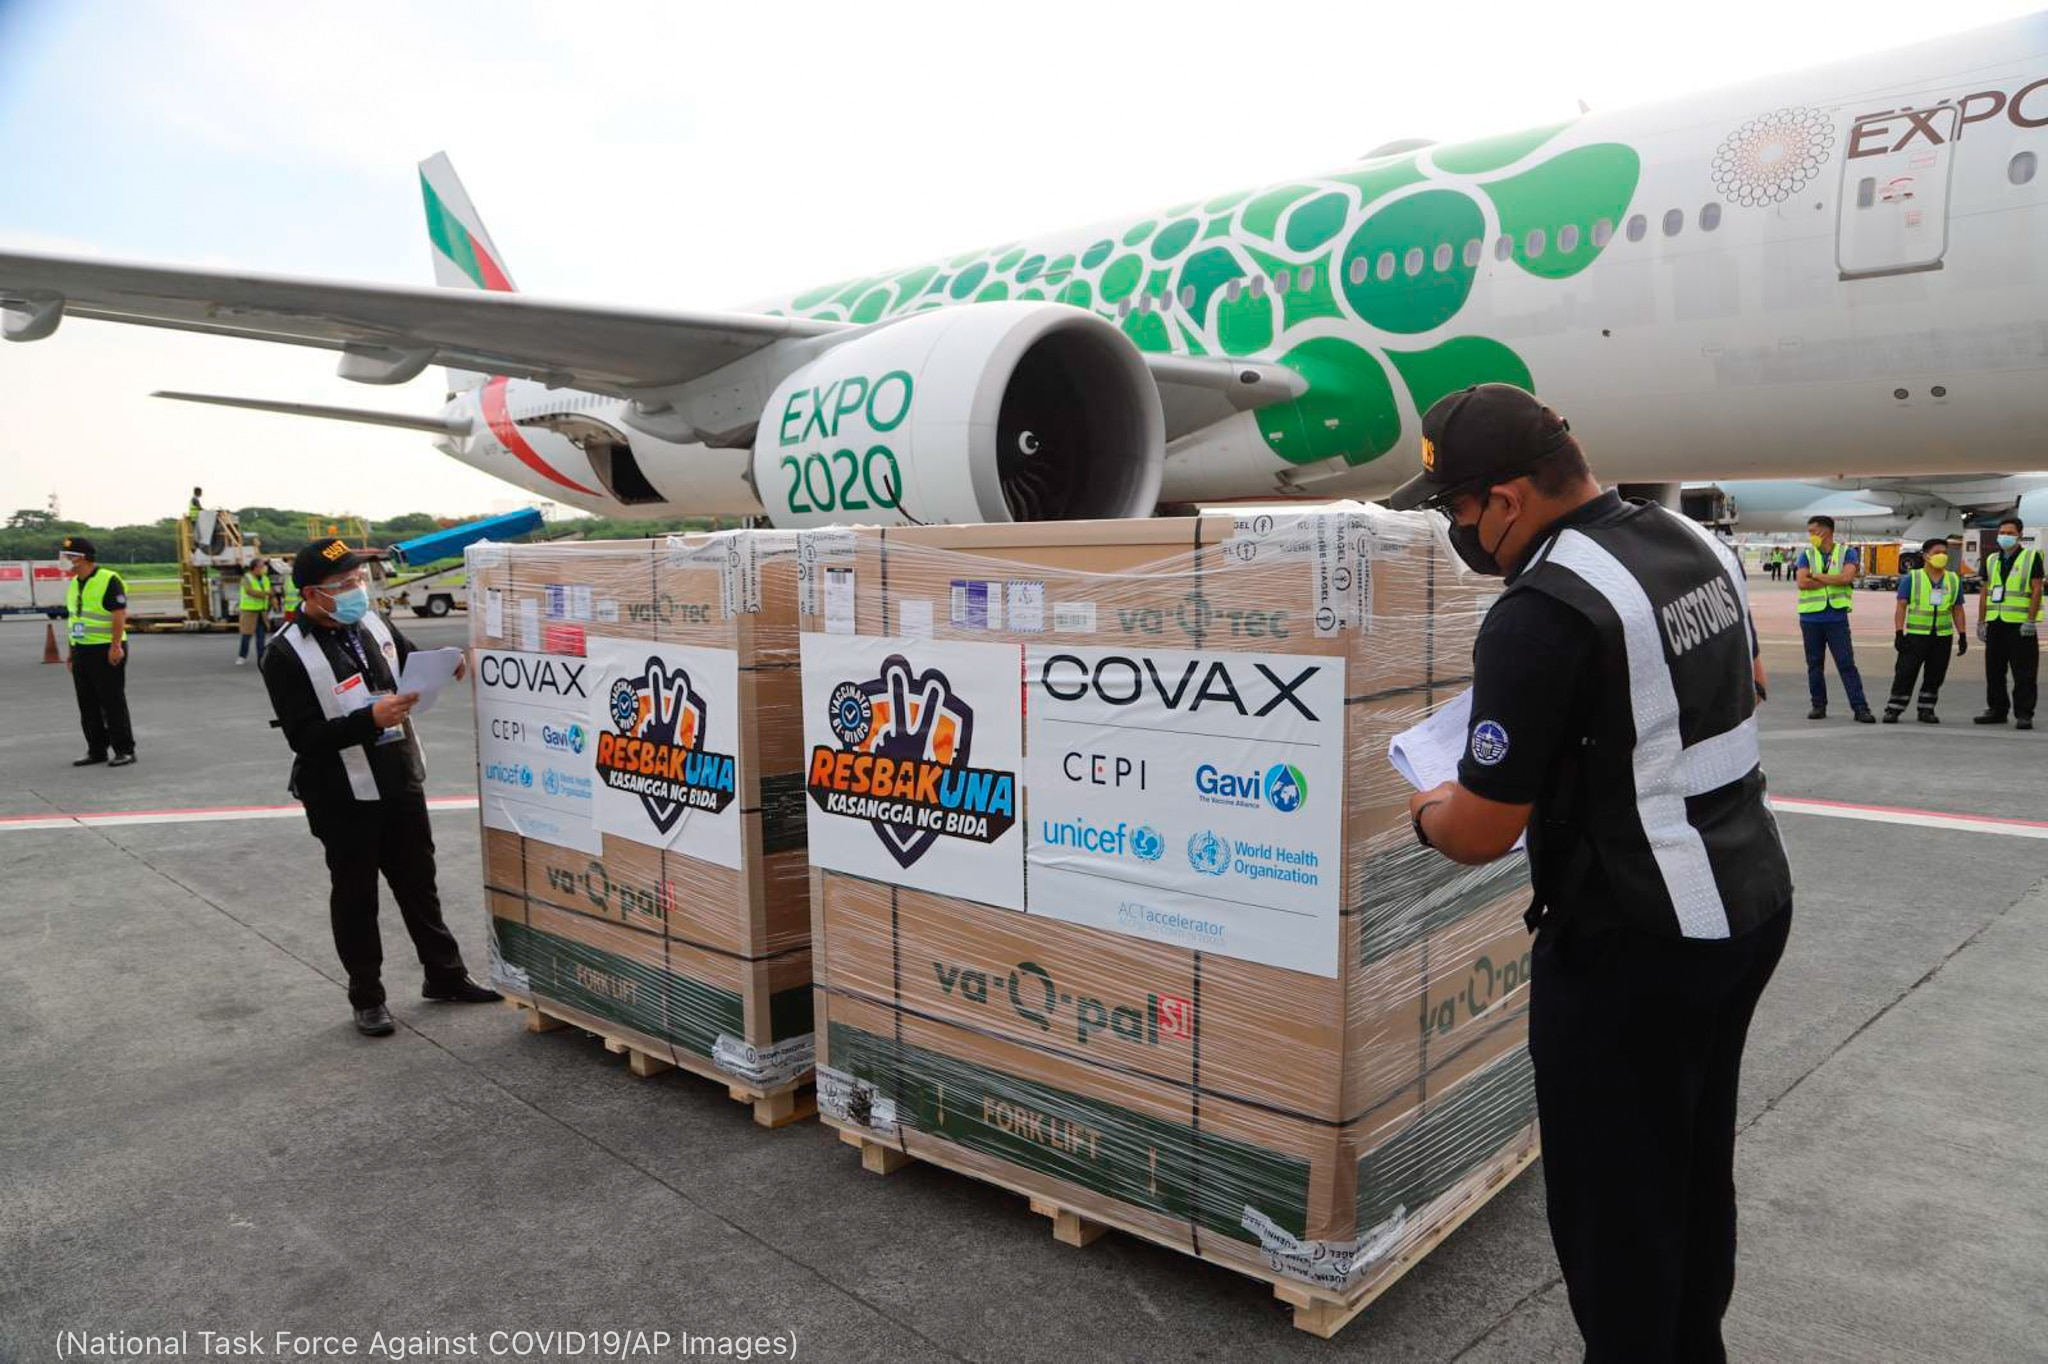 Hombres delante de un avión inspeccionando un palé de cajas de vacunas (National Task Force Against COVID19 [Grupo Nacional de Trabajo contra COVID19]/AP Images)